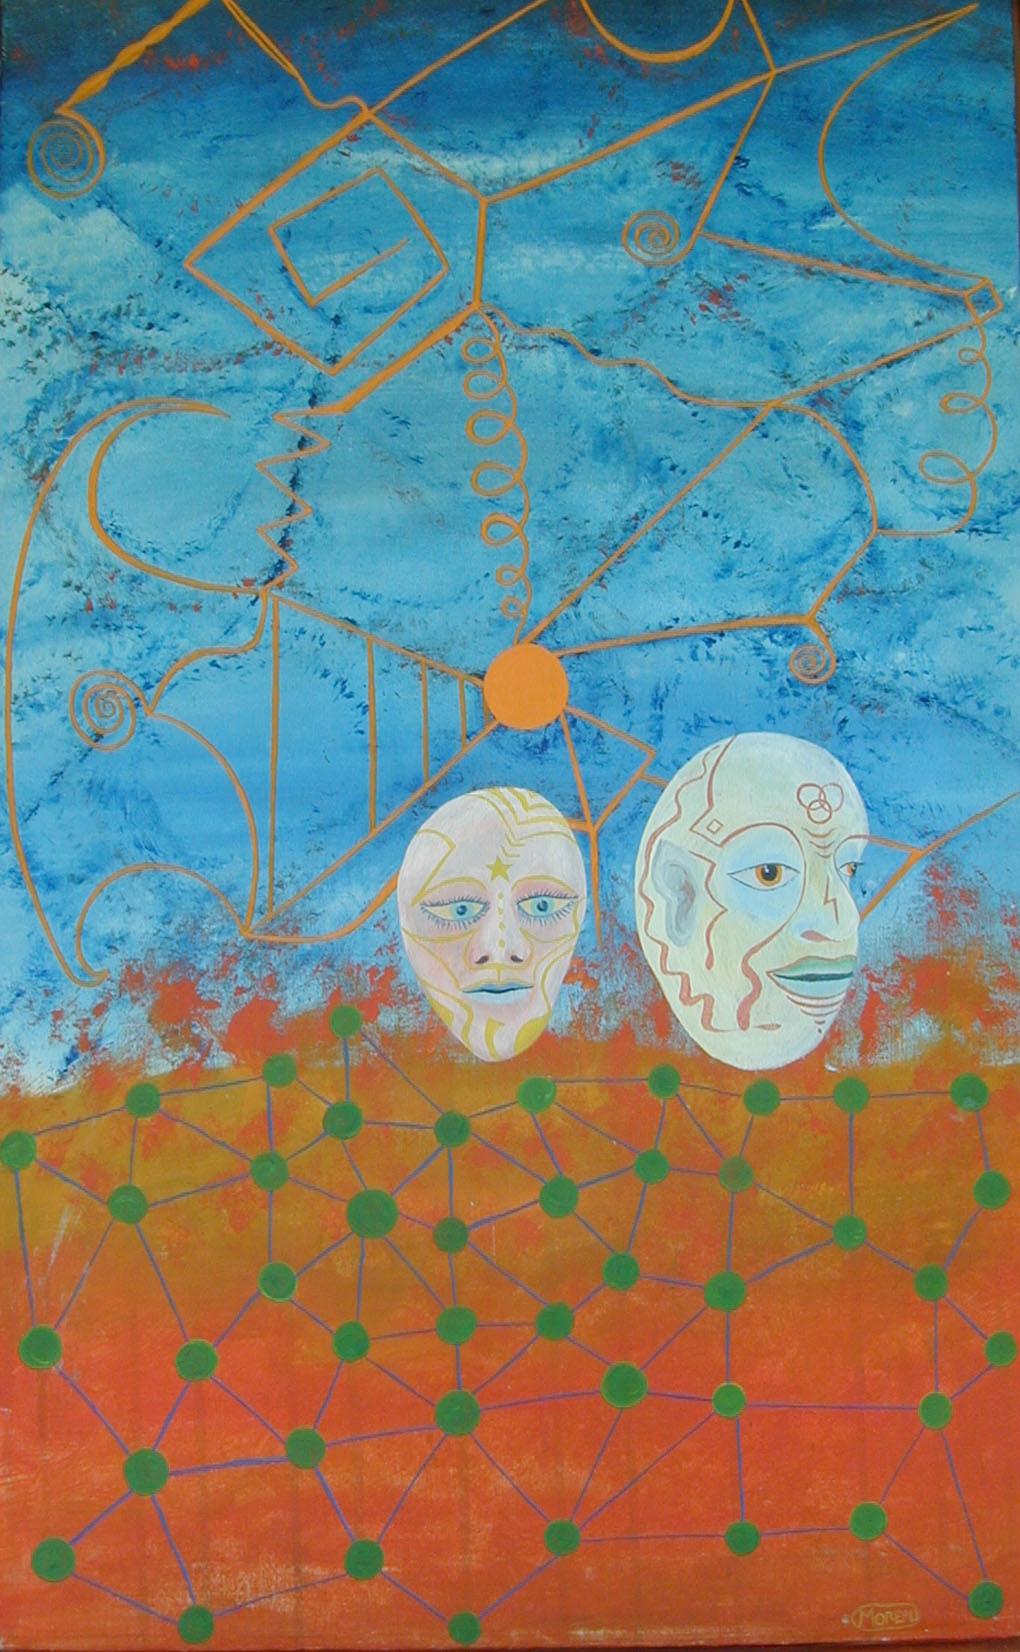 OmorO - Network Freaks - 1983